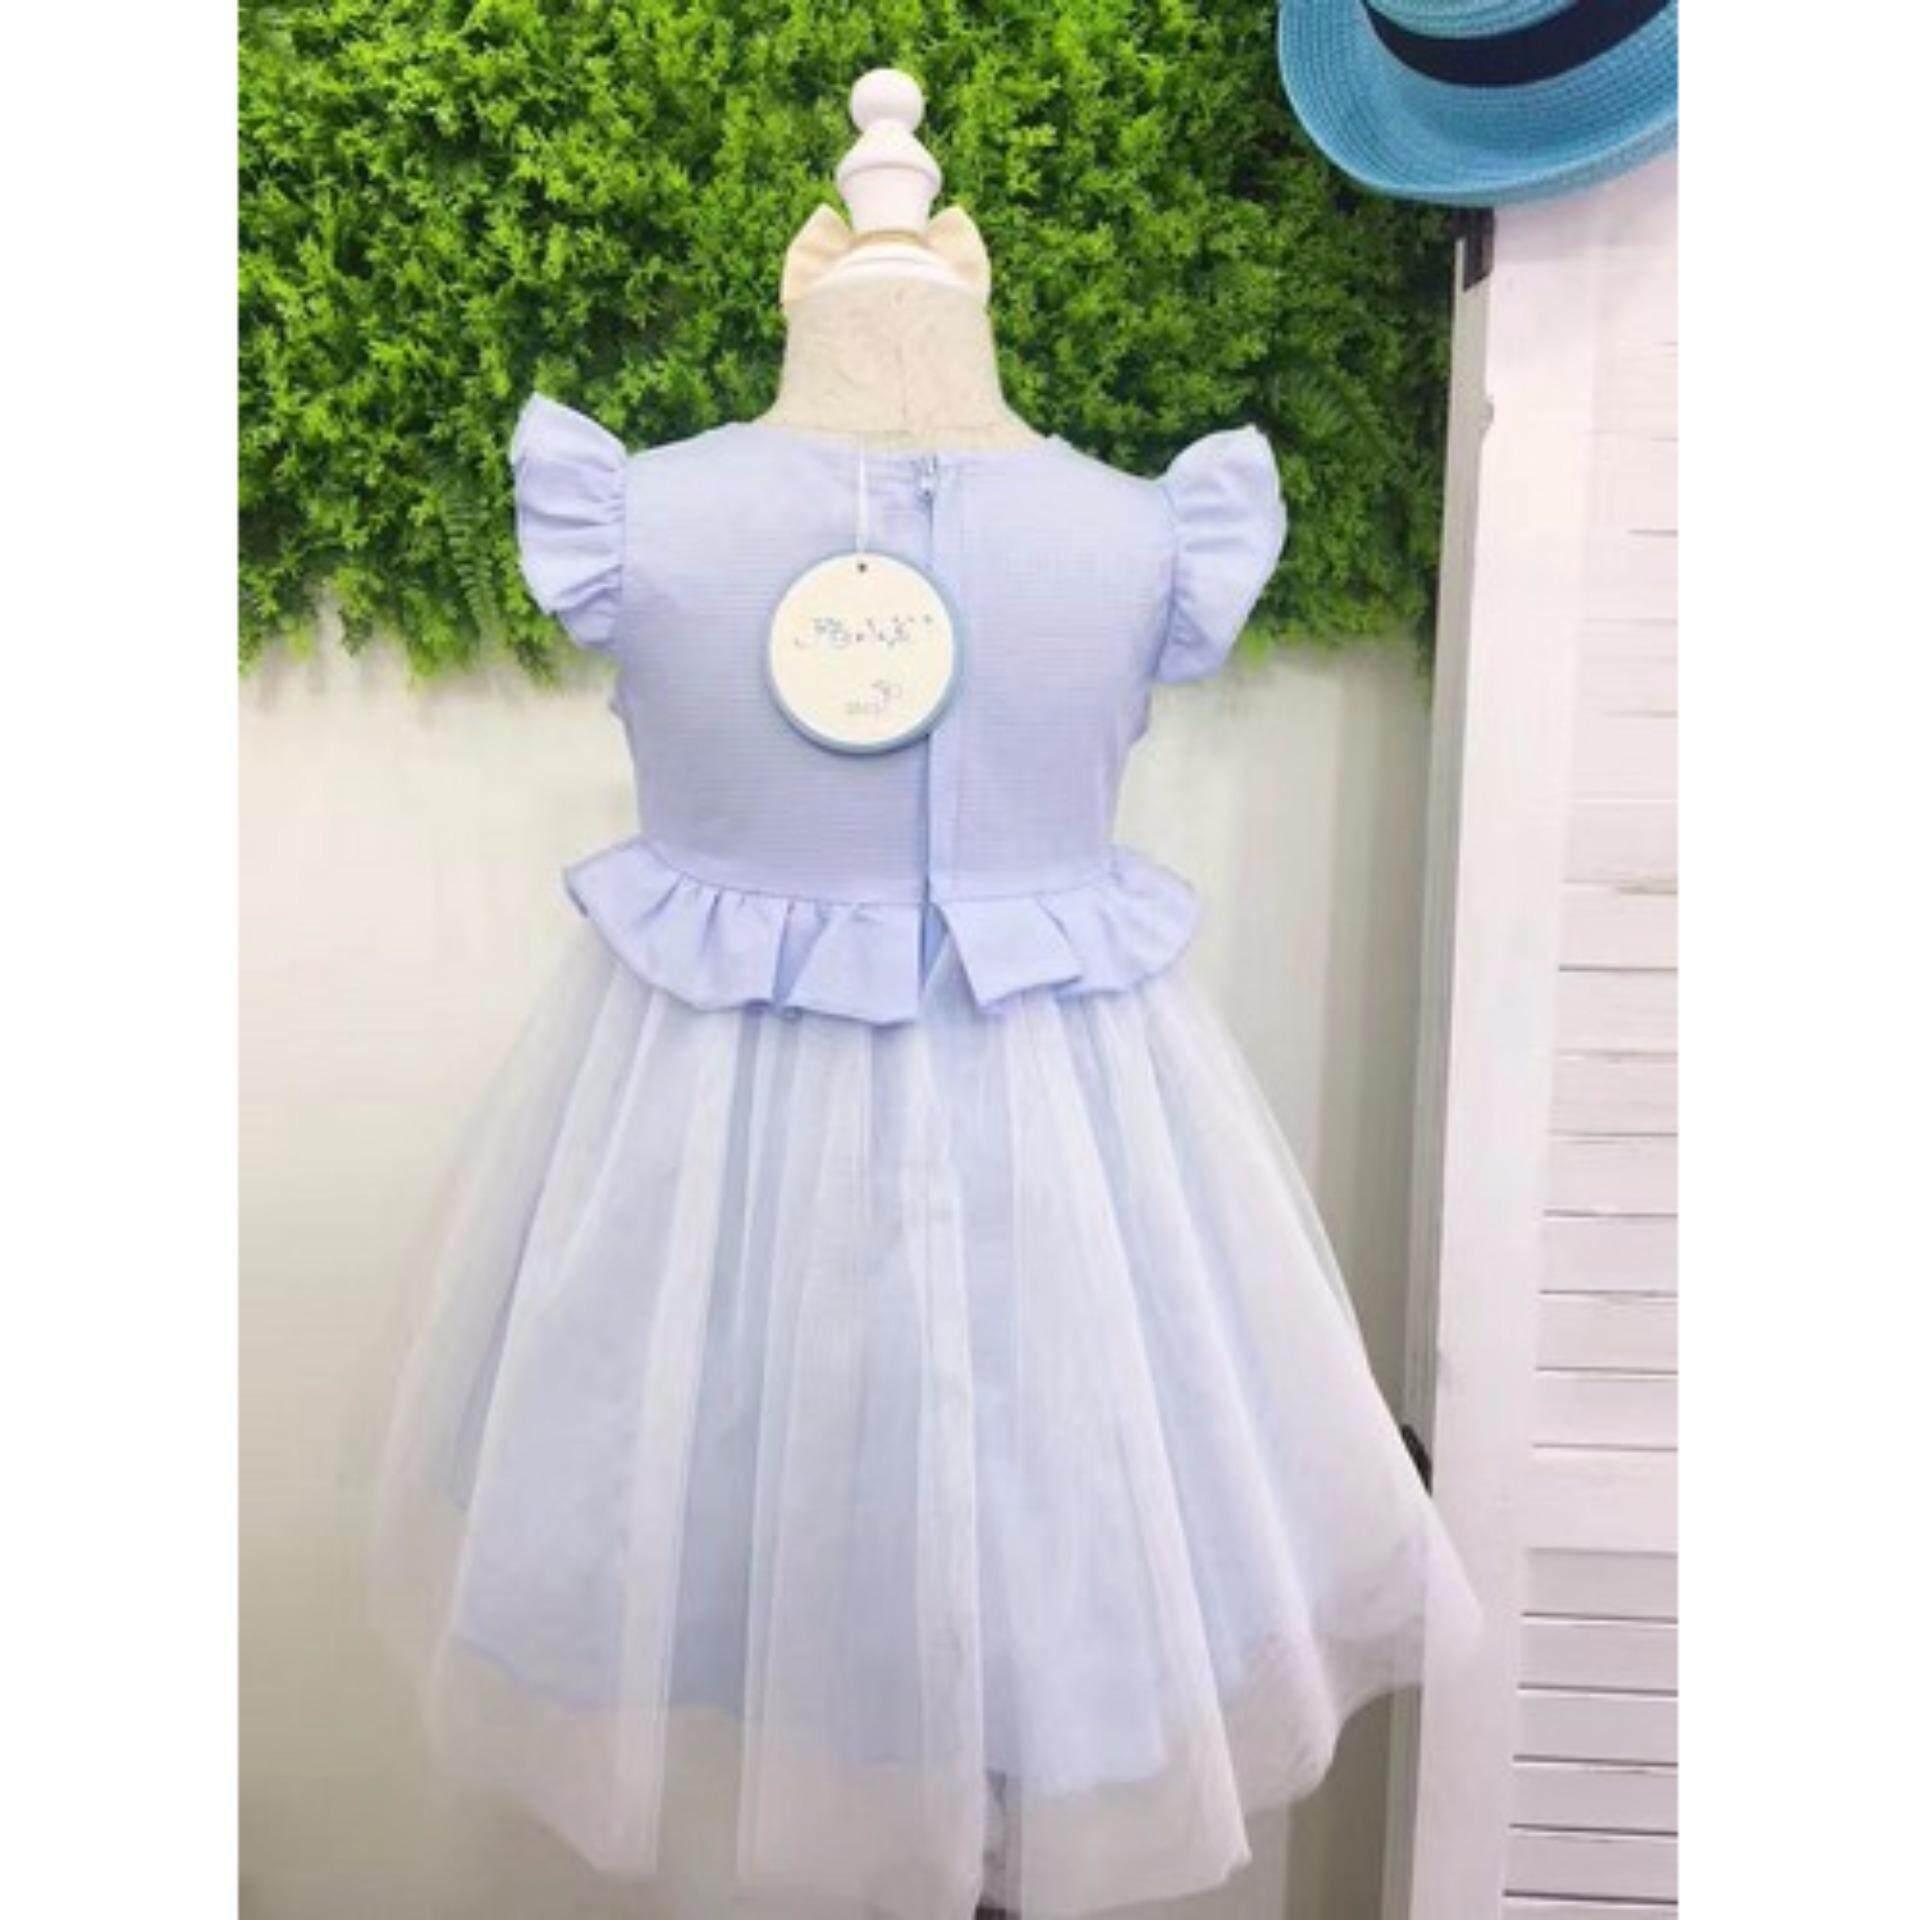 ชุดกระโปรงเด็ก สีฟ้า สำหรับเด็กอายุ 2-3 ปี (ไซส์ 4)